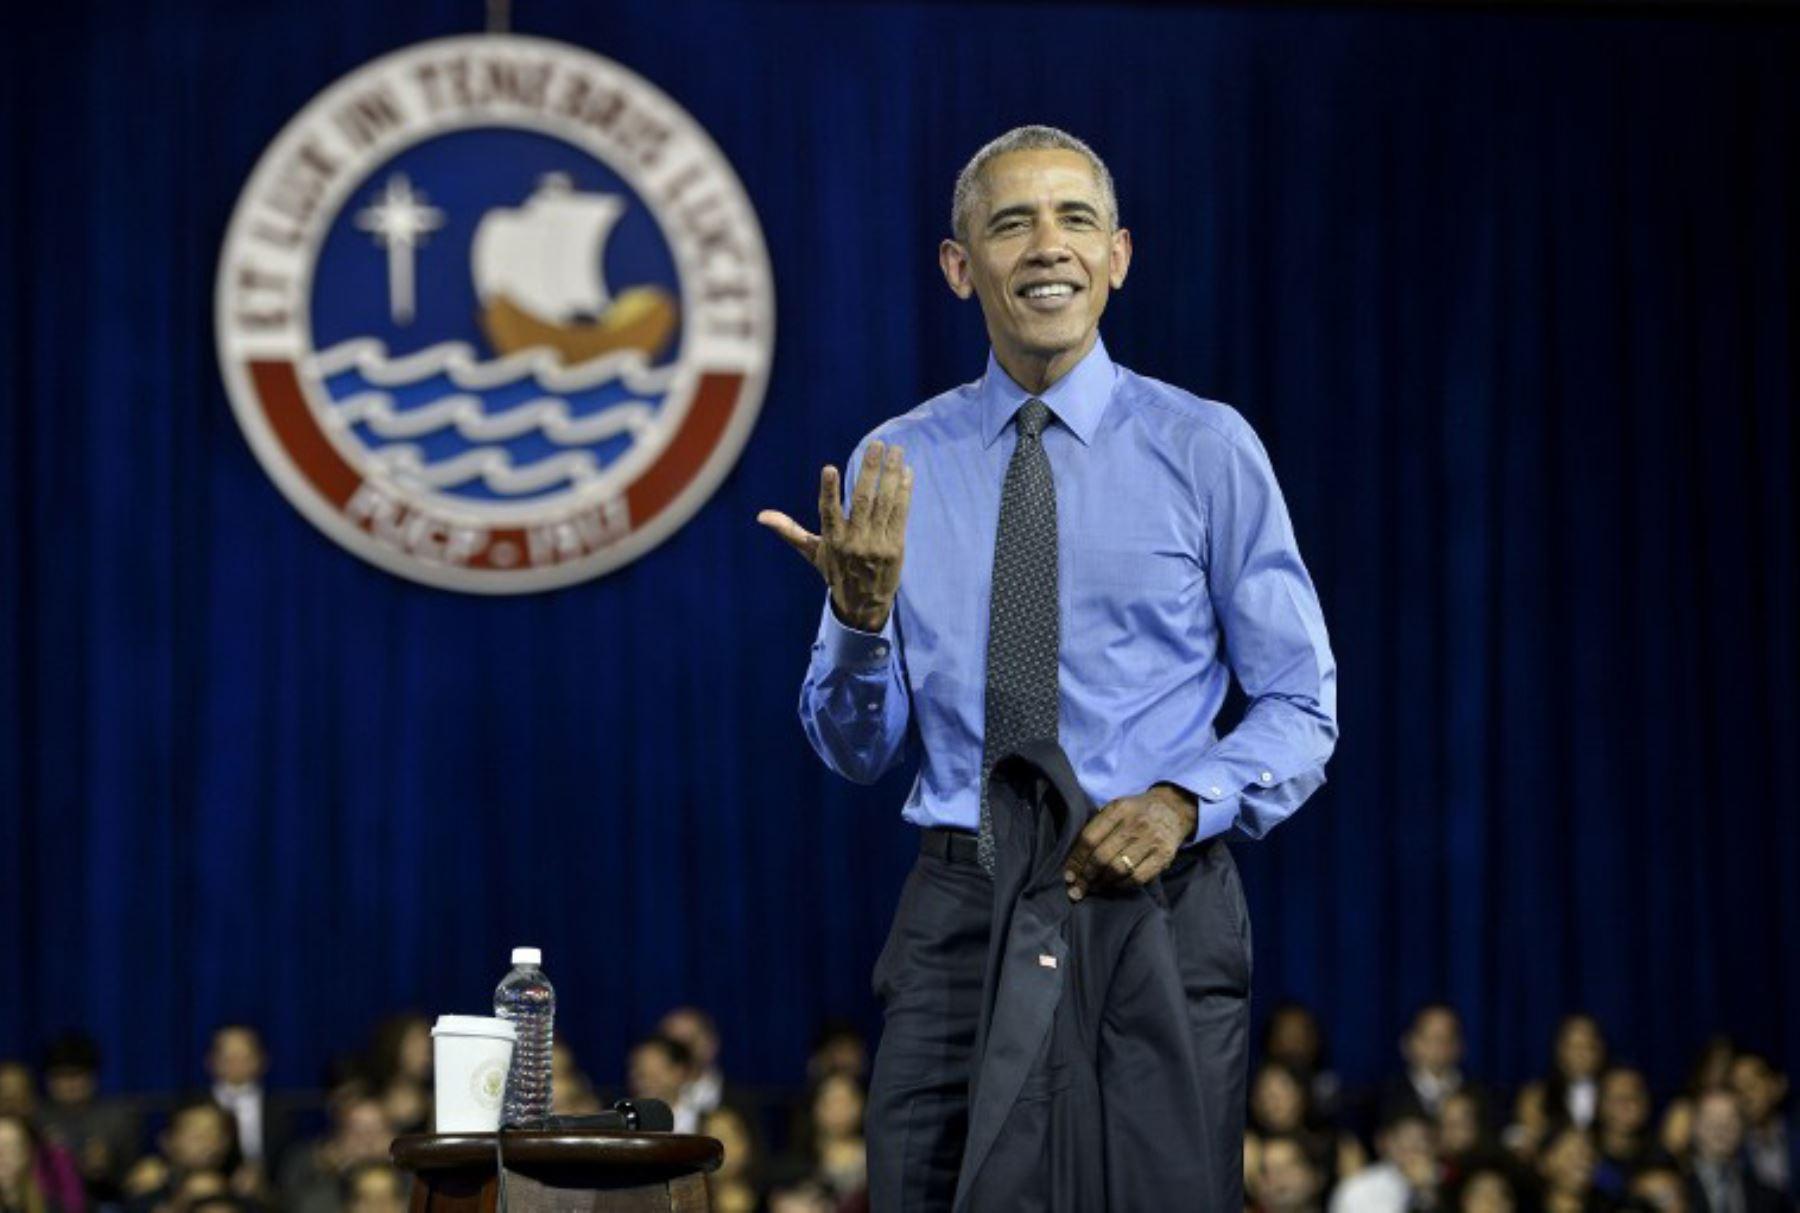 Obama exhorta a jóvenes a prepararse para encontrar soluciones a problemas más urgentes